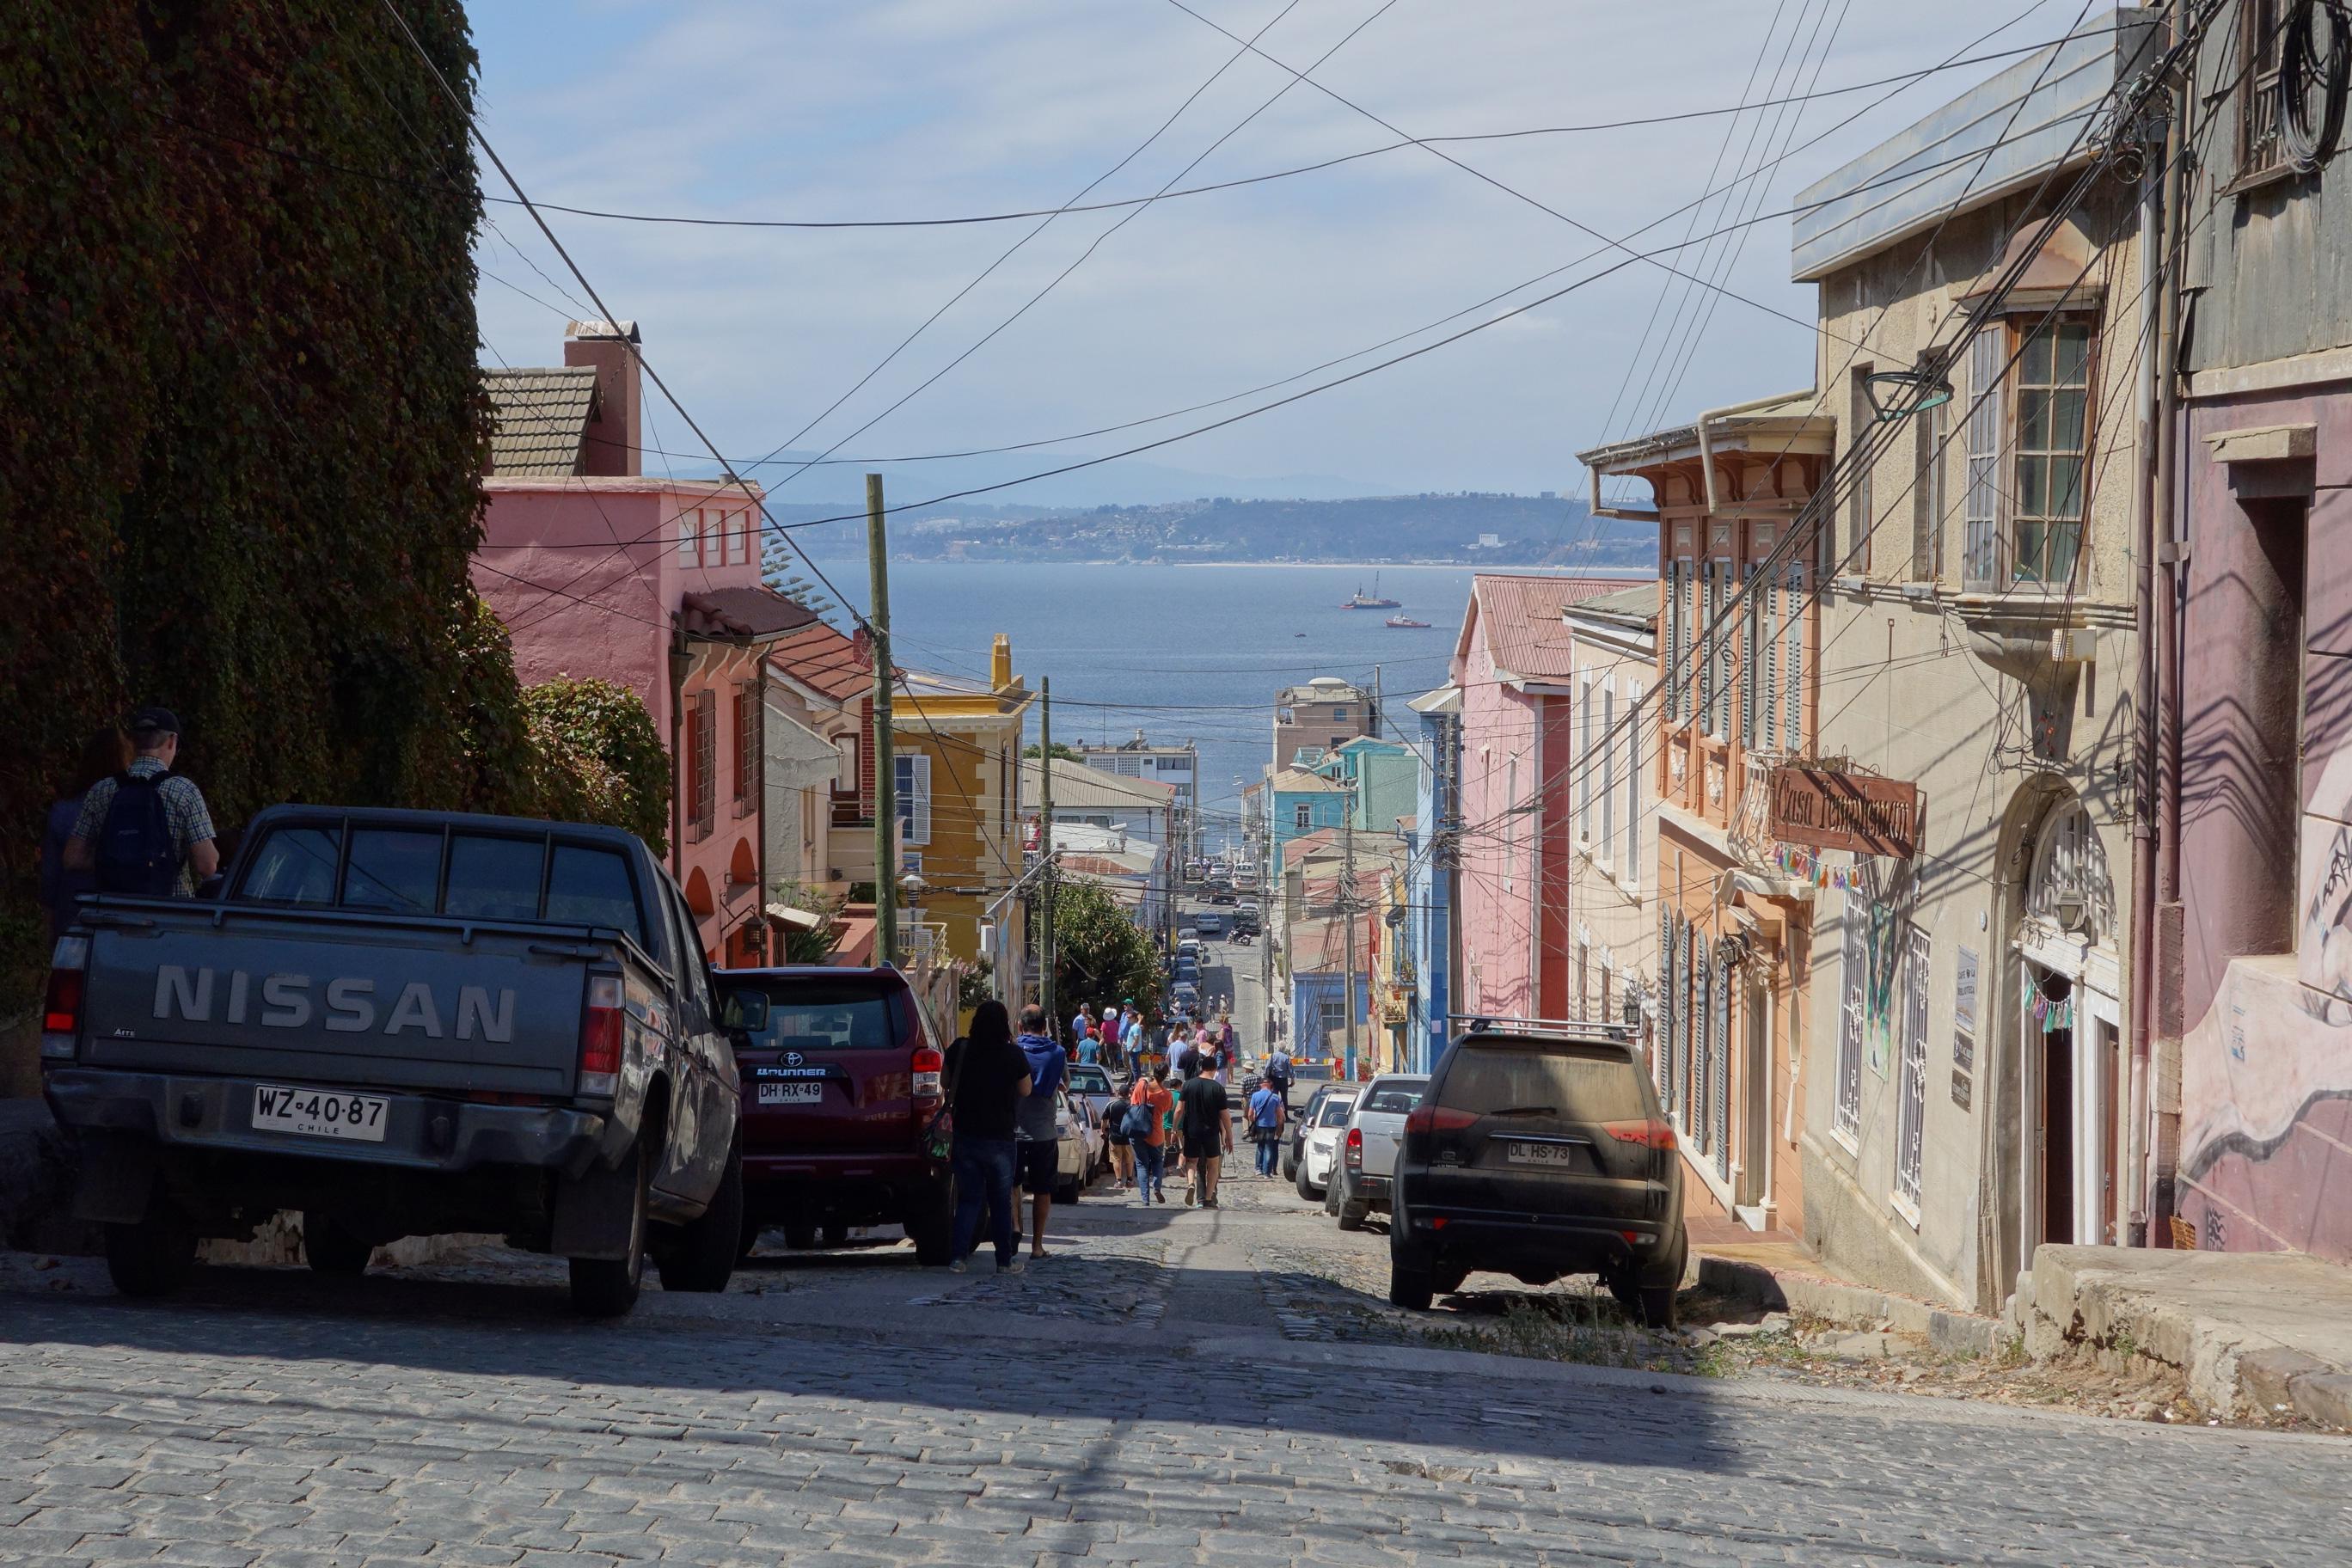 Through the lens Valparaiso